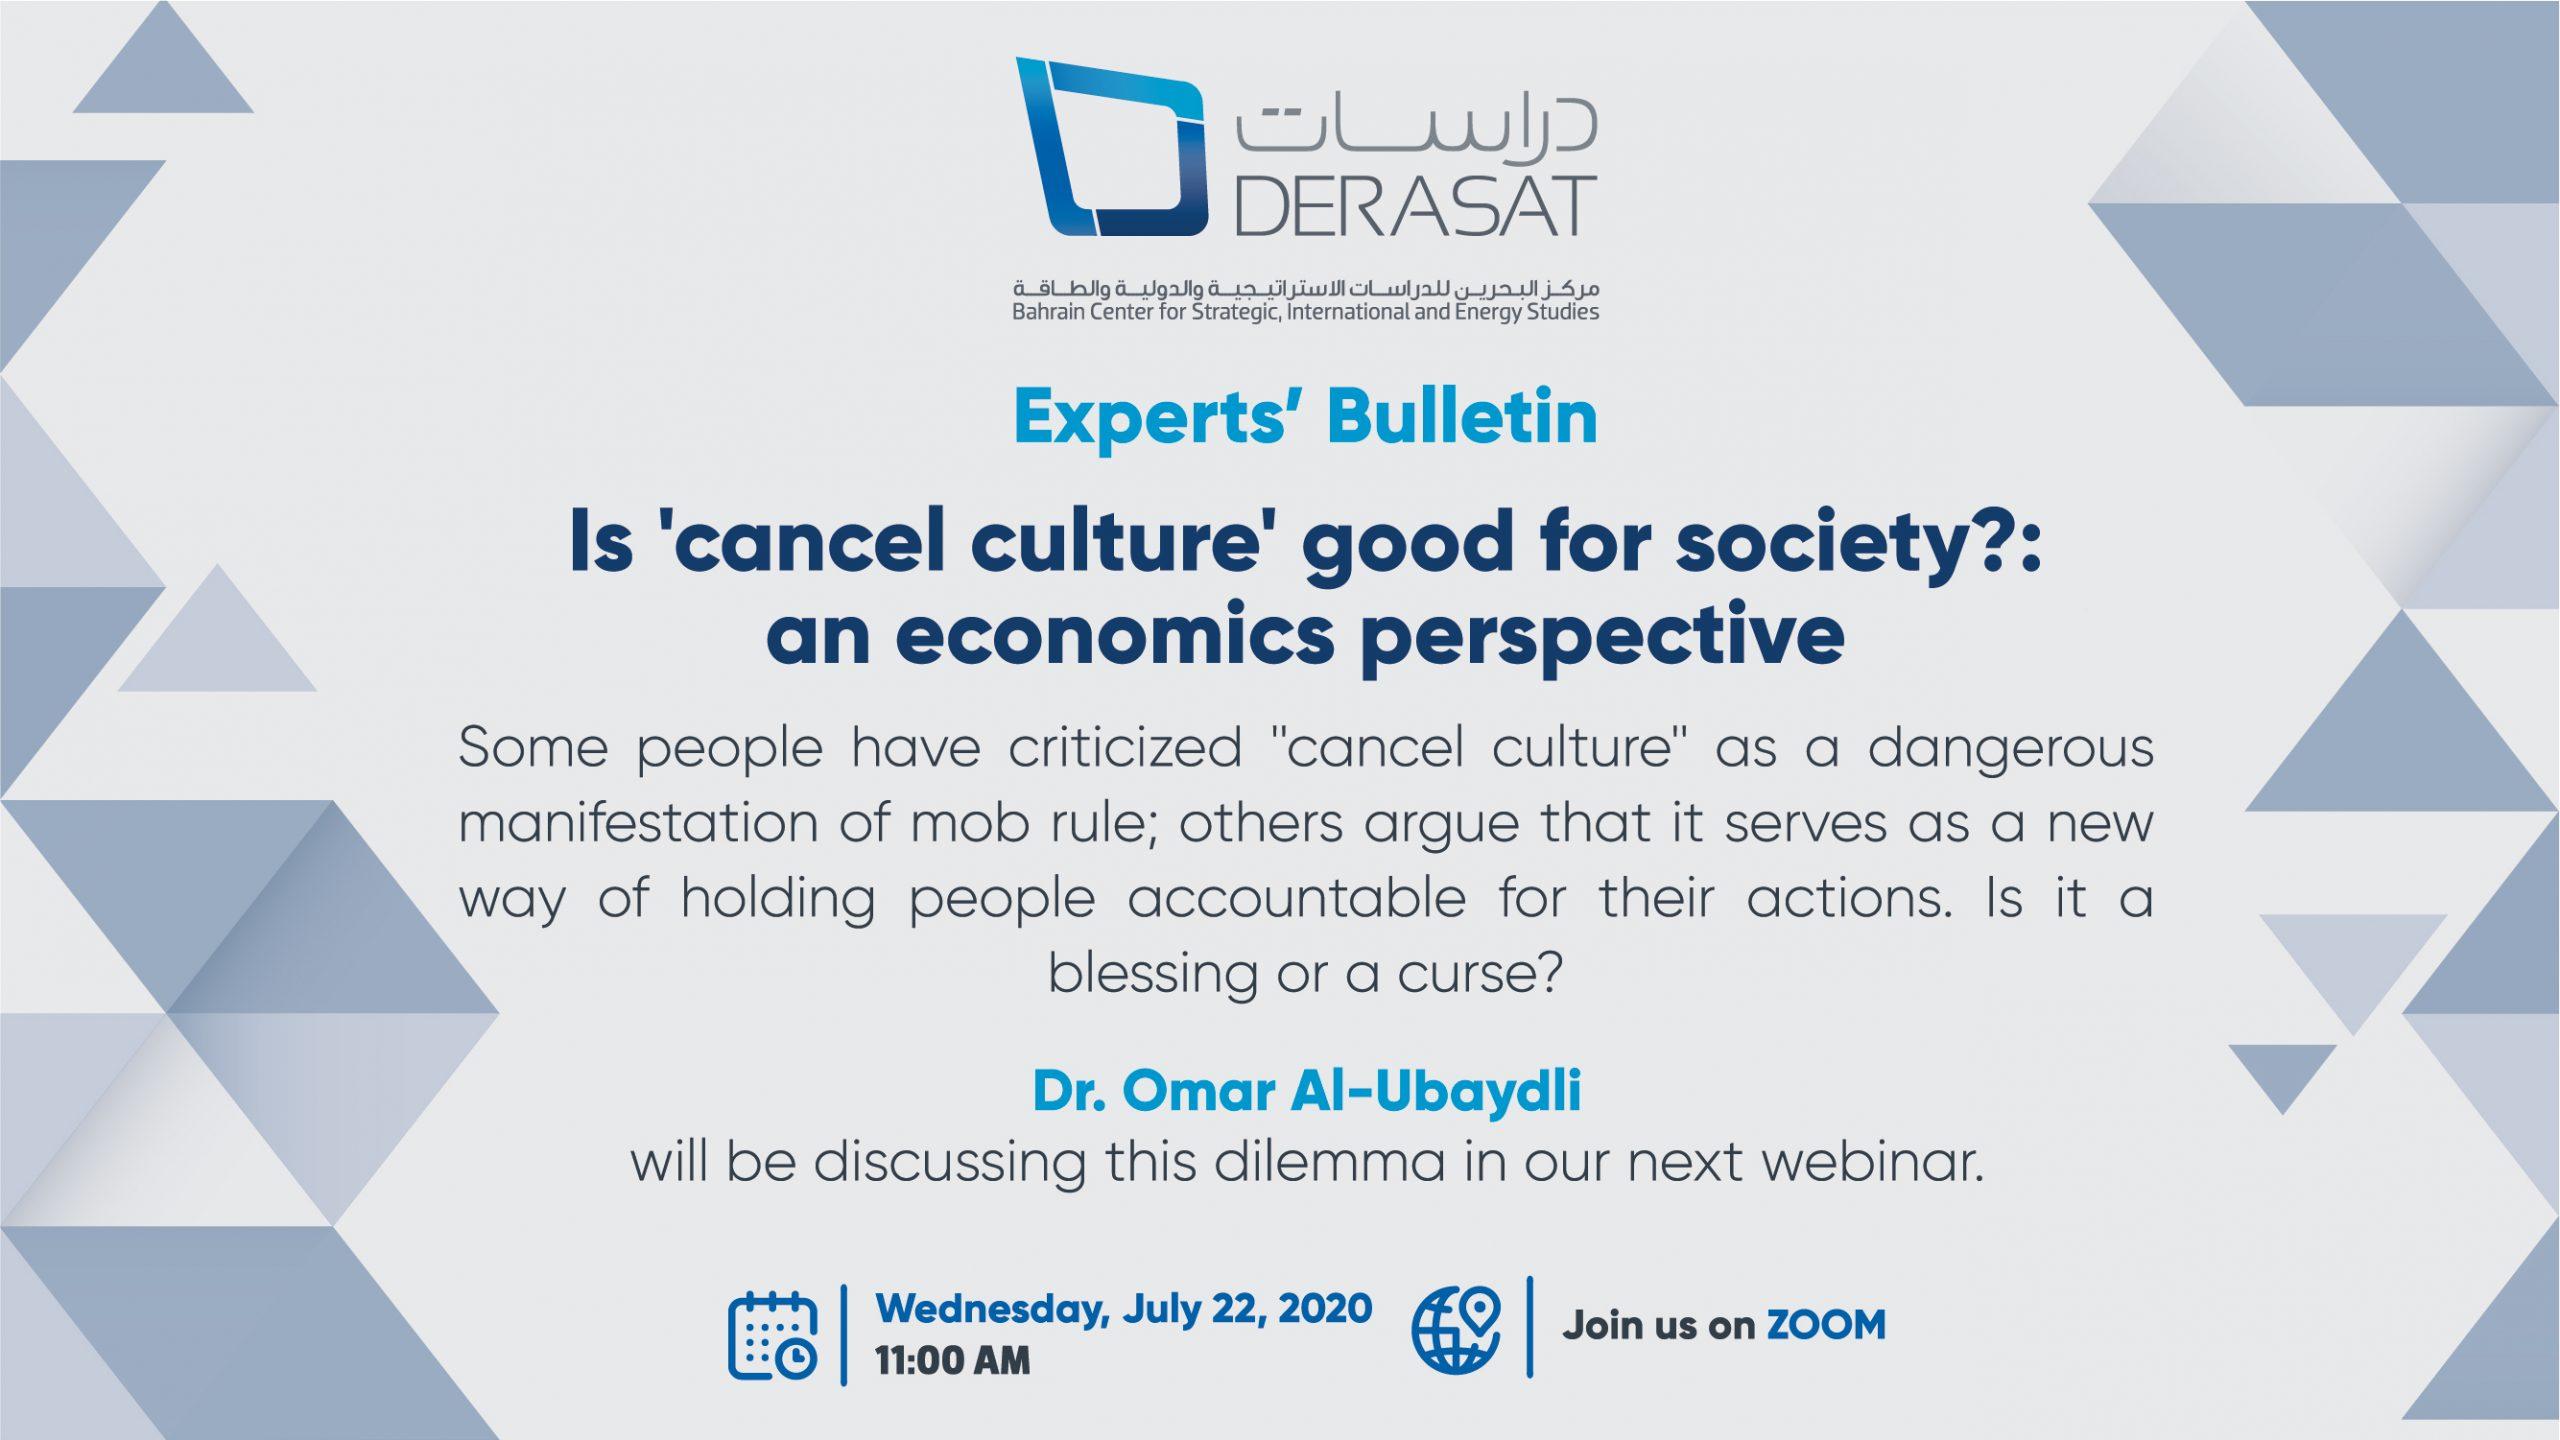 """نشرة الخبراء – هل """"ثقافة الإلغاء"""" مفيدة للمجتمع؟: منظور اقتصادي"""